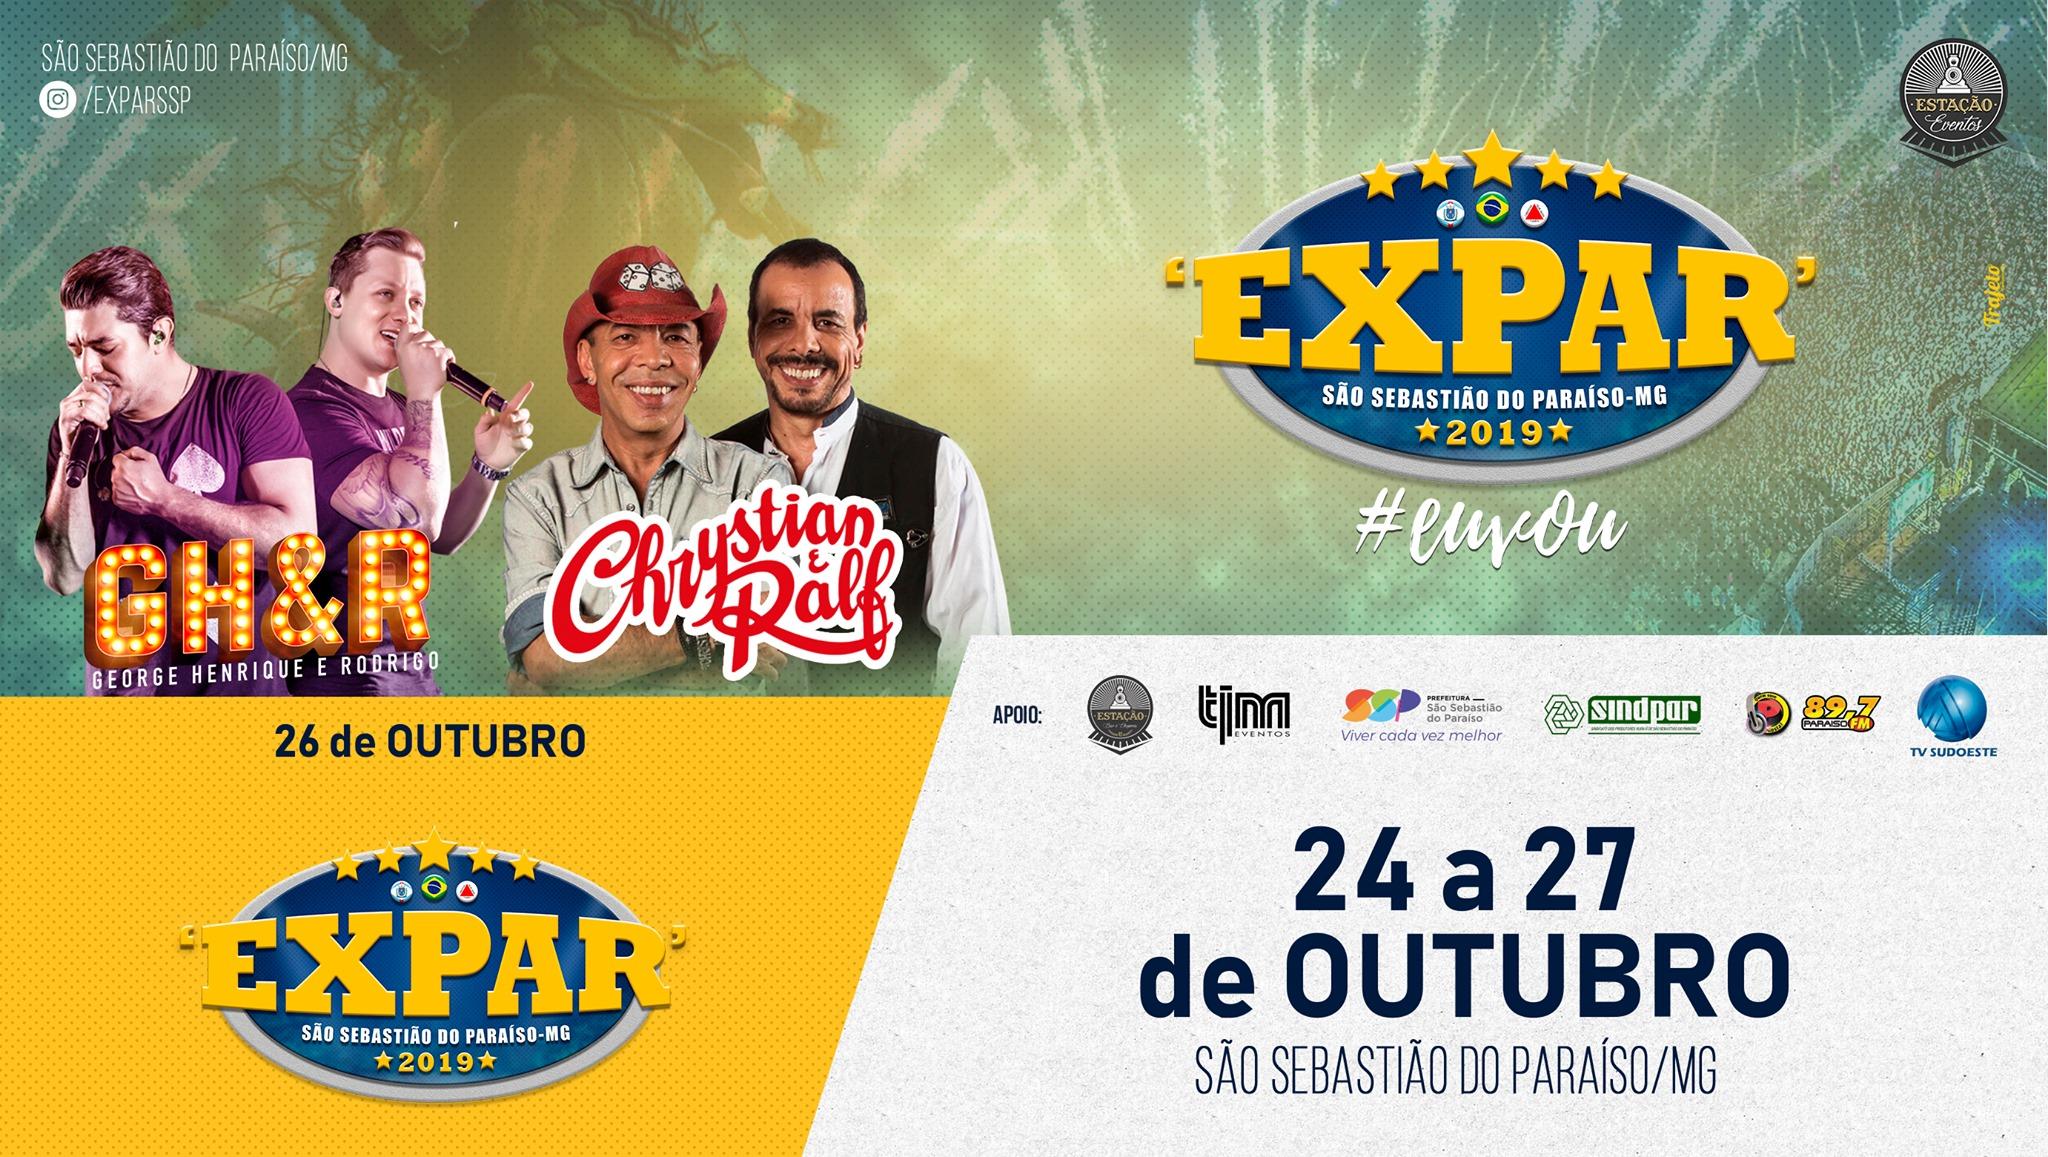 Expar 2019 - Show George Henrique e Rodrigo e Chrystian e Ralf São Sebastião do Paraíso MG.